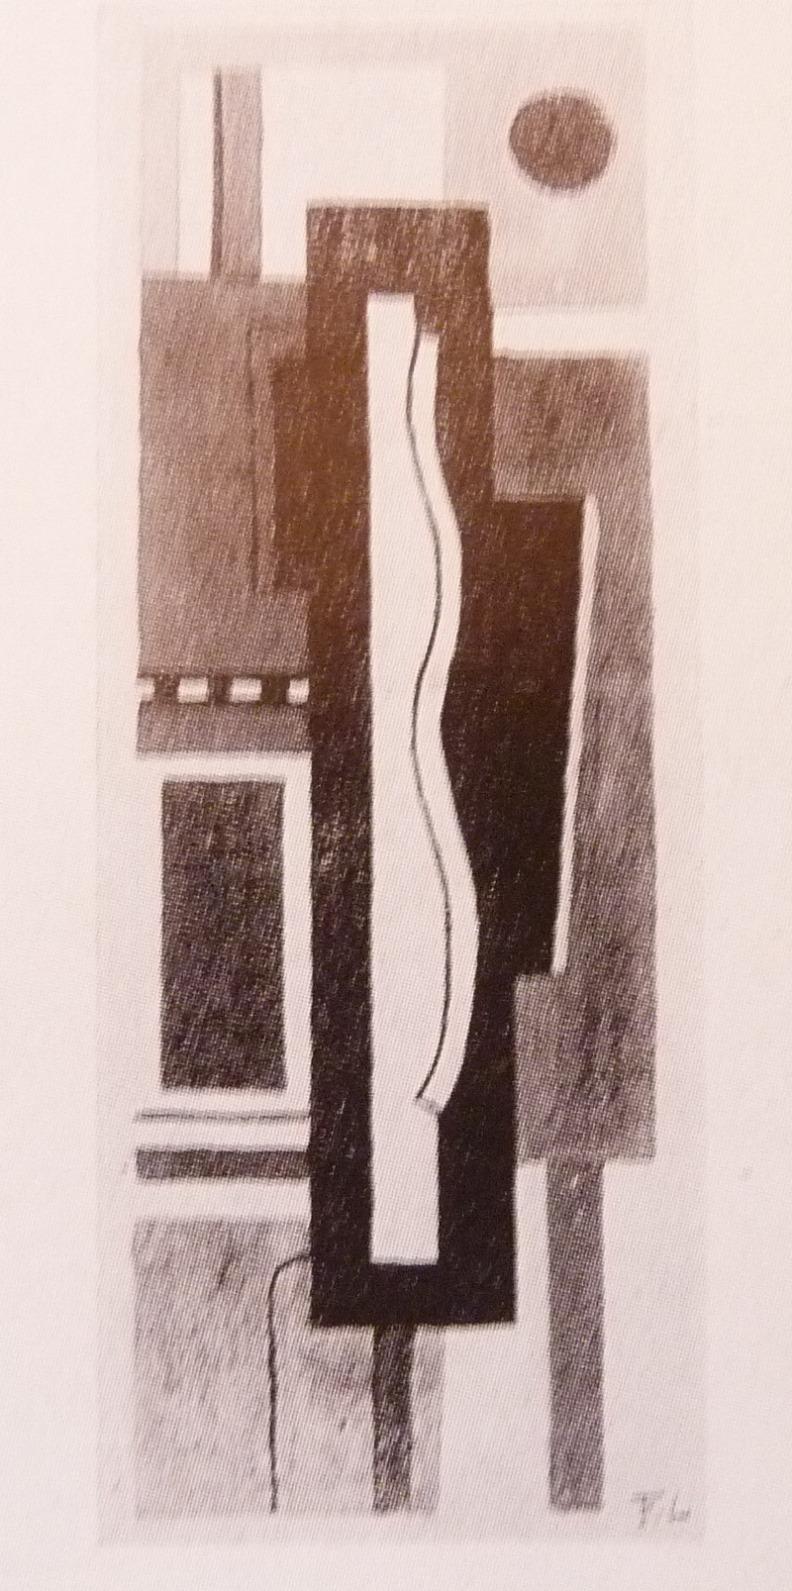 Reproduction en noir et blanc d'un tebleau de Fernand Léger de .